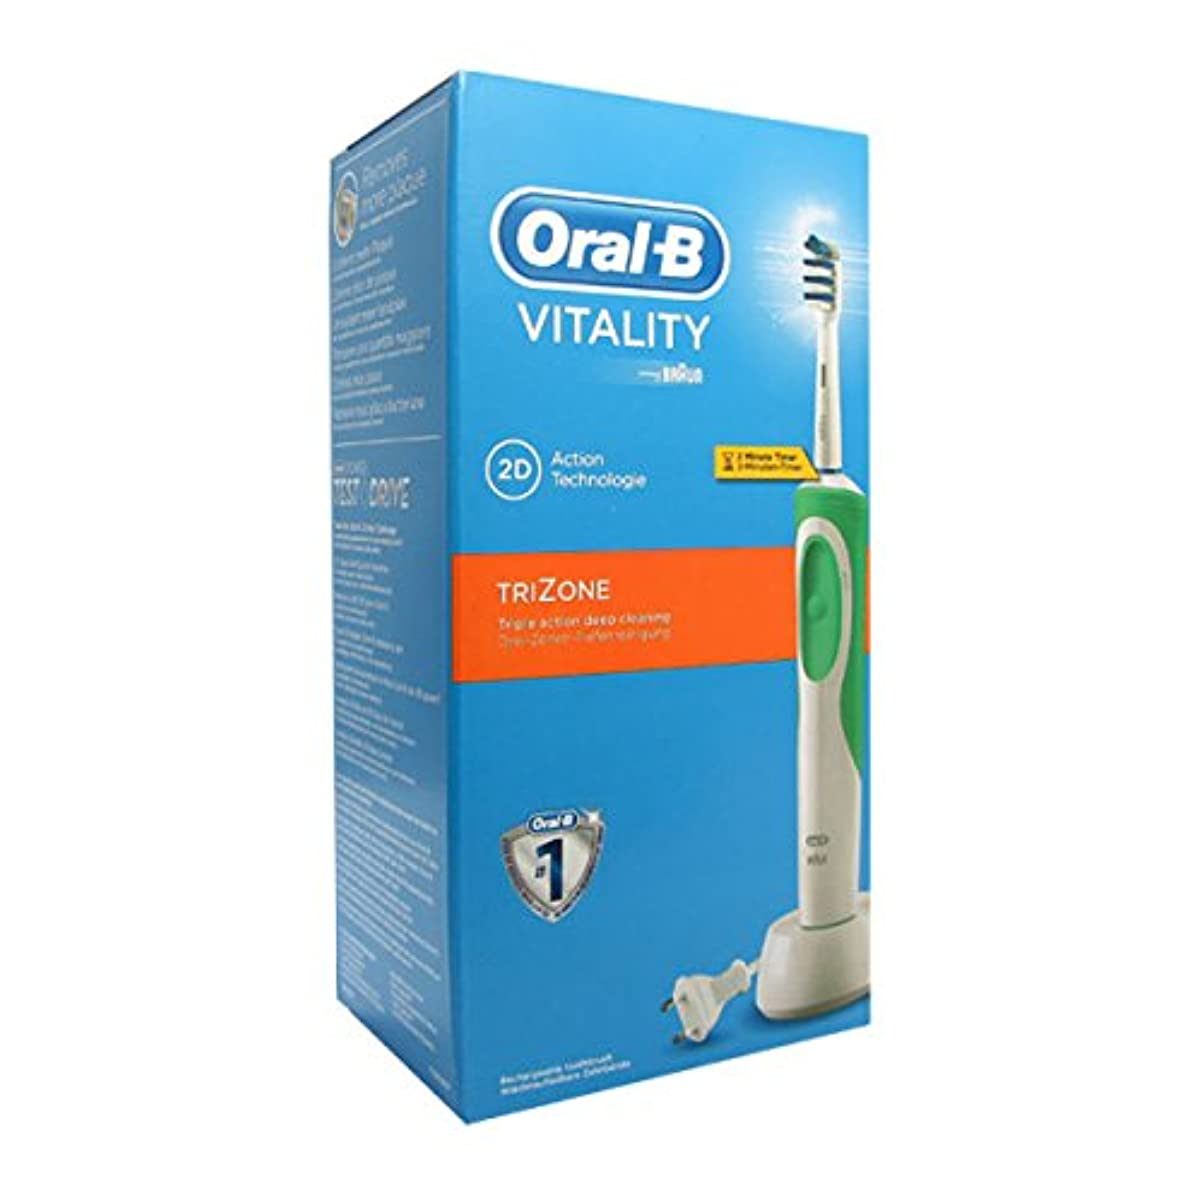 続ける否認する侵略Oral B Vitality Trizone Electric Toothbrush [並行輸入品]